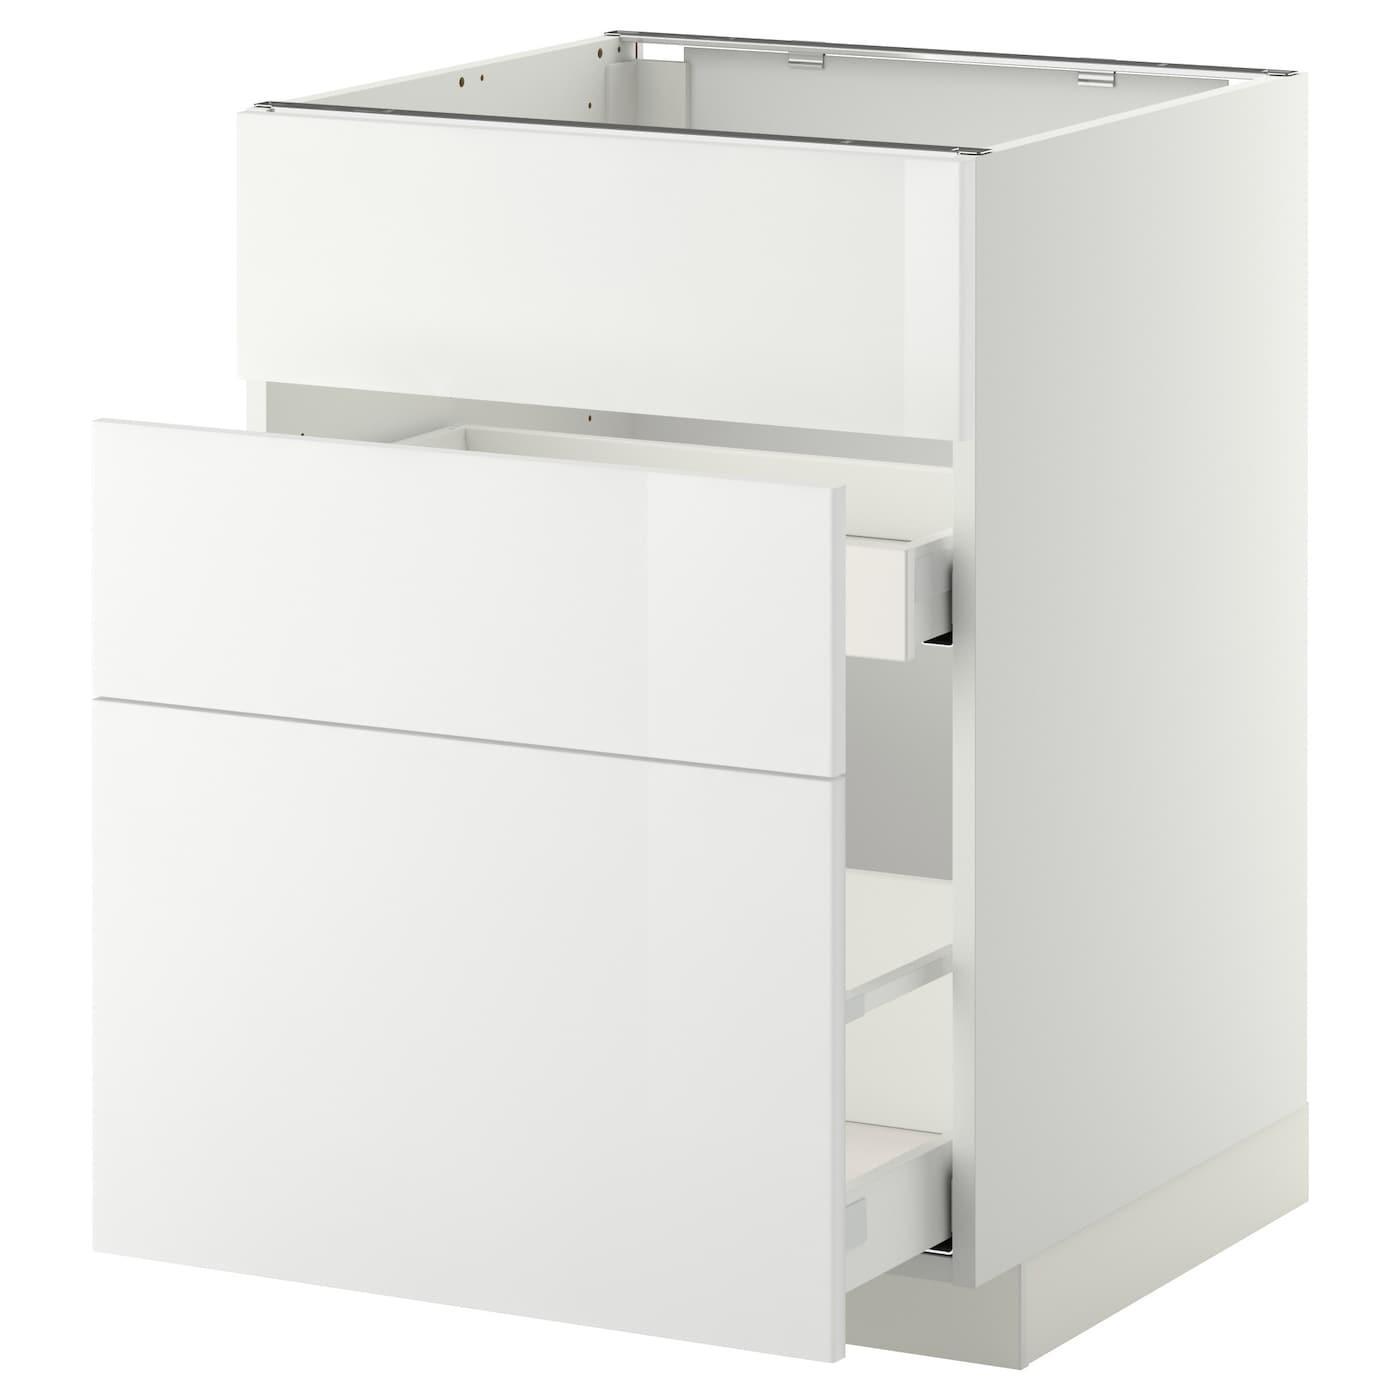 IKEA МЕТОД / МАКСИМЕРА Напольный шкаф д/встр духовки/мойки с 3 фасадами/ 2 ящиками, белый, Рингульт белый, 60x60 см 899.198.17